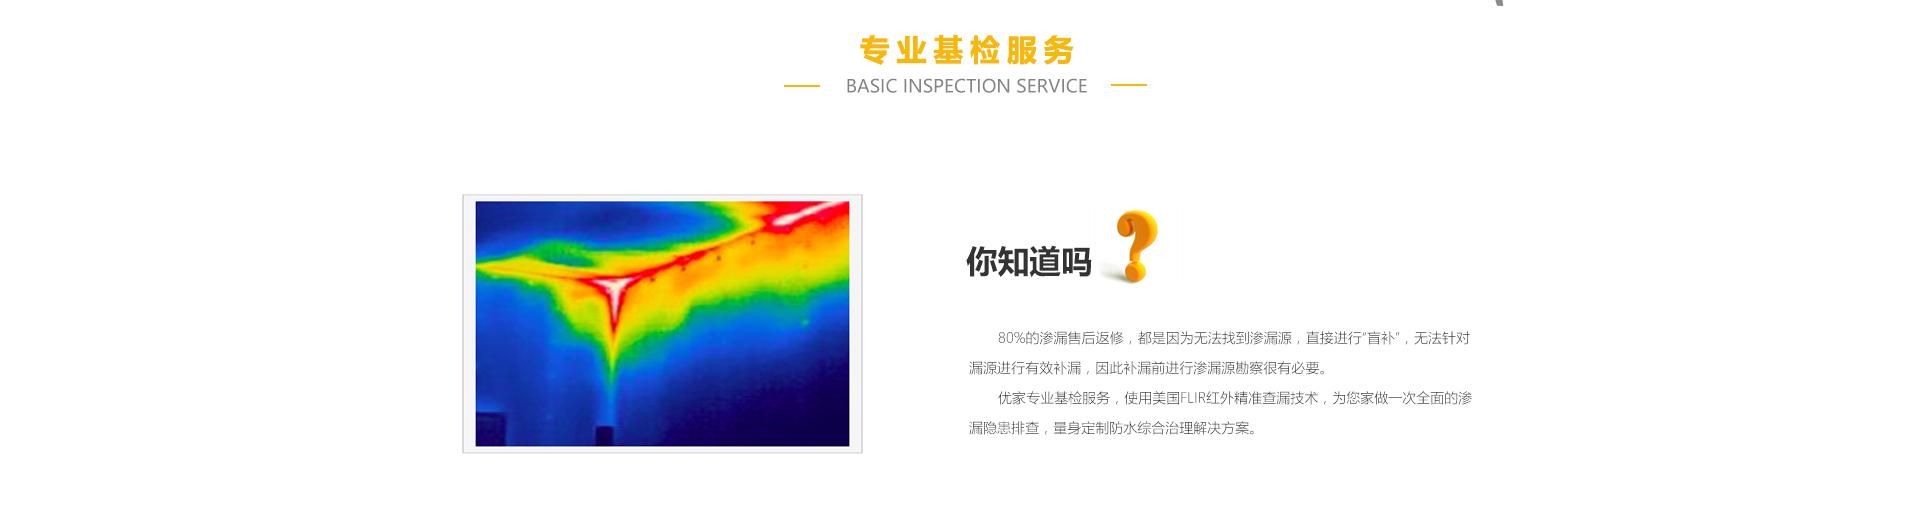 专业基检服务